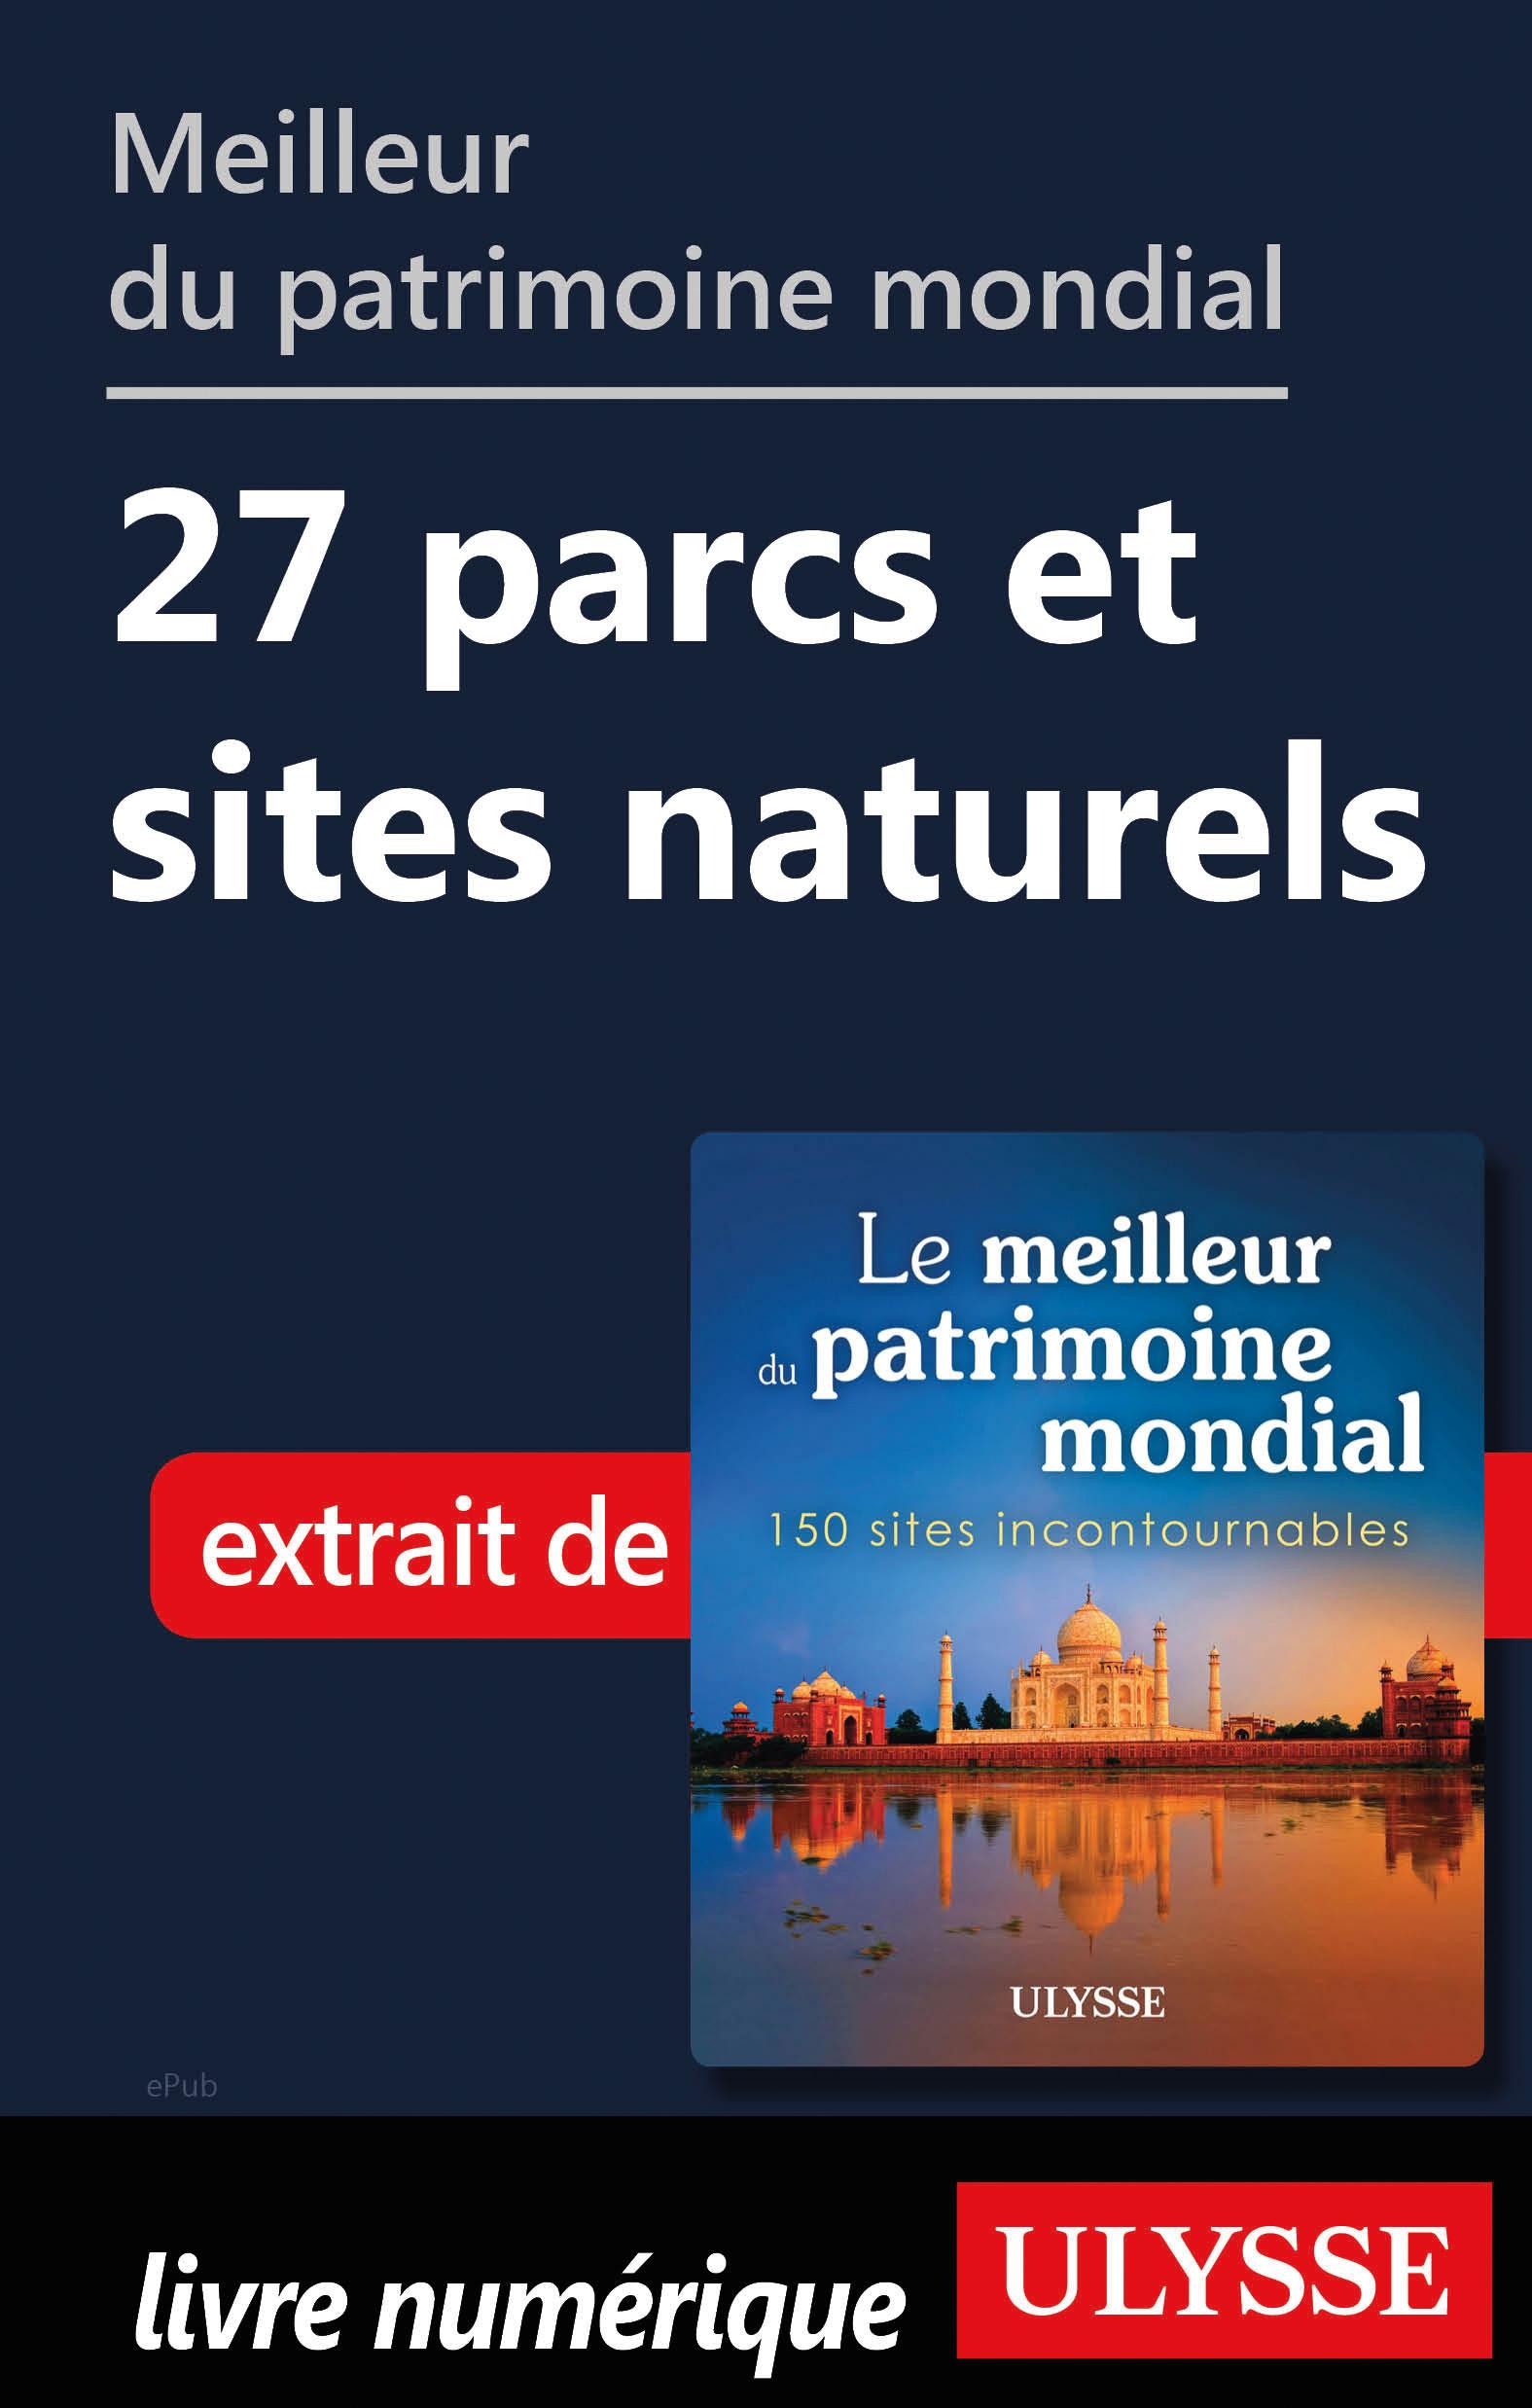 Meilleur du patrimoine mondial - 27 parcs et sites naturels